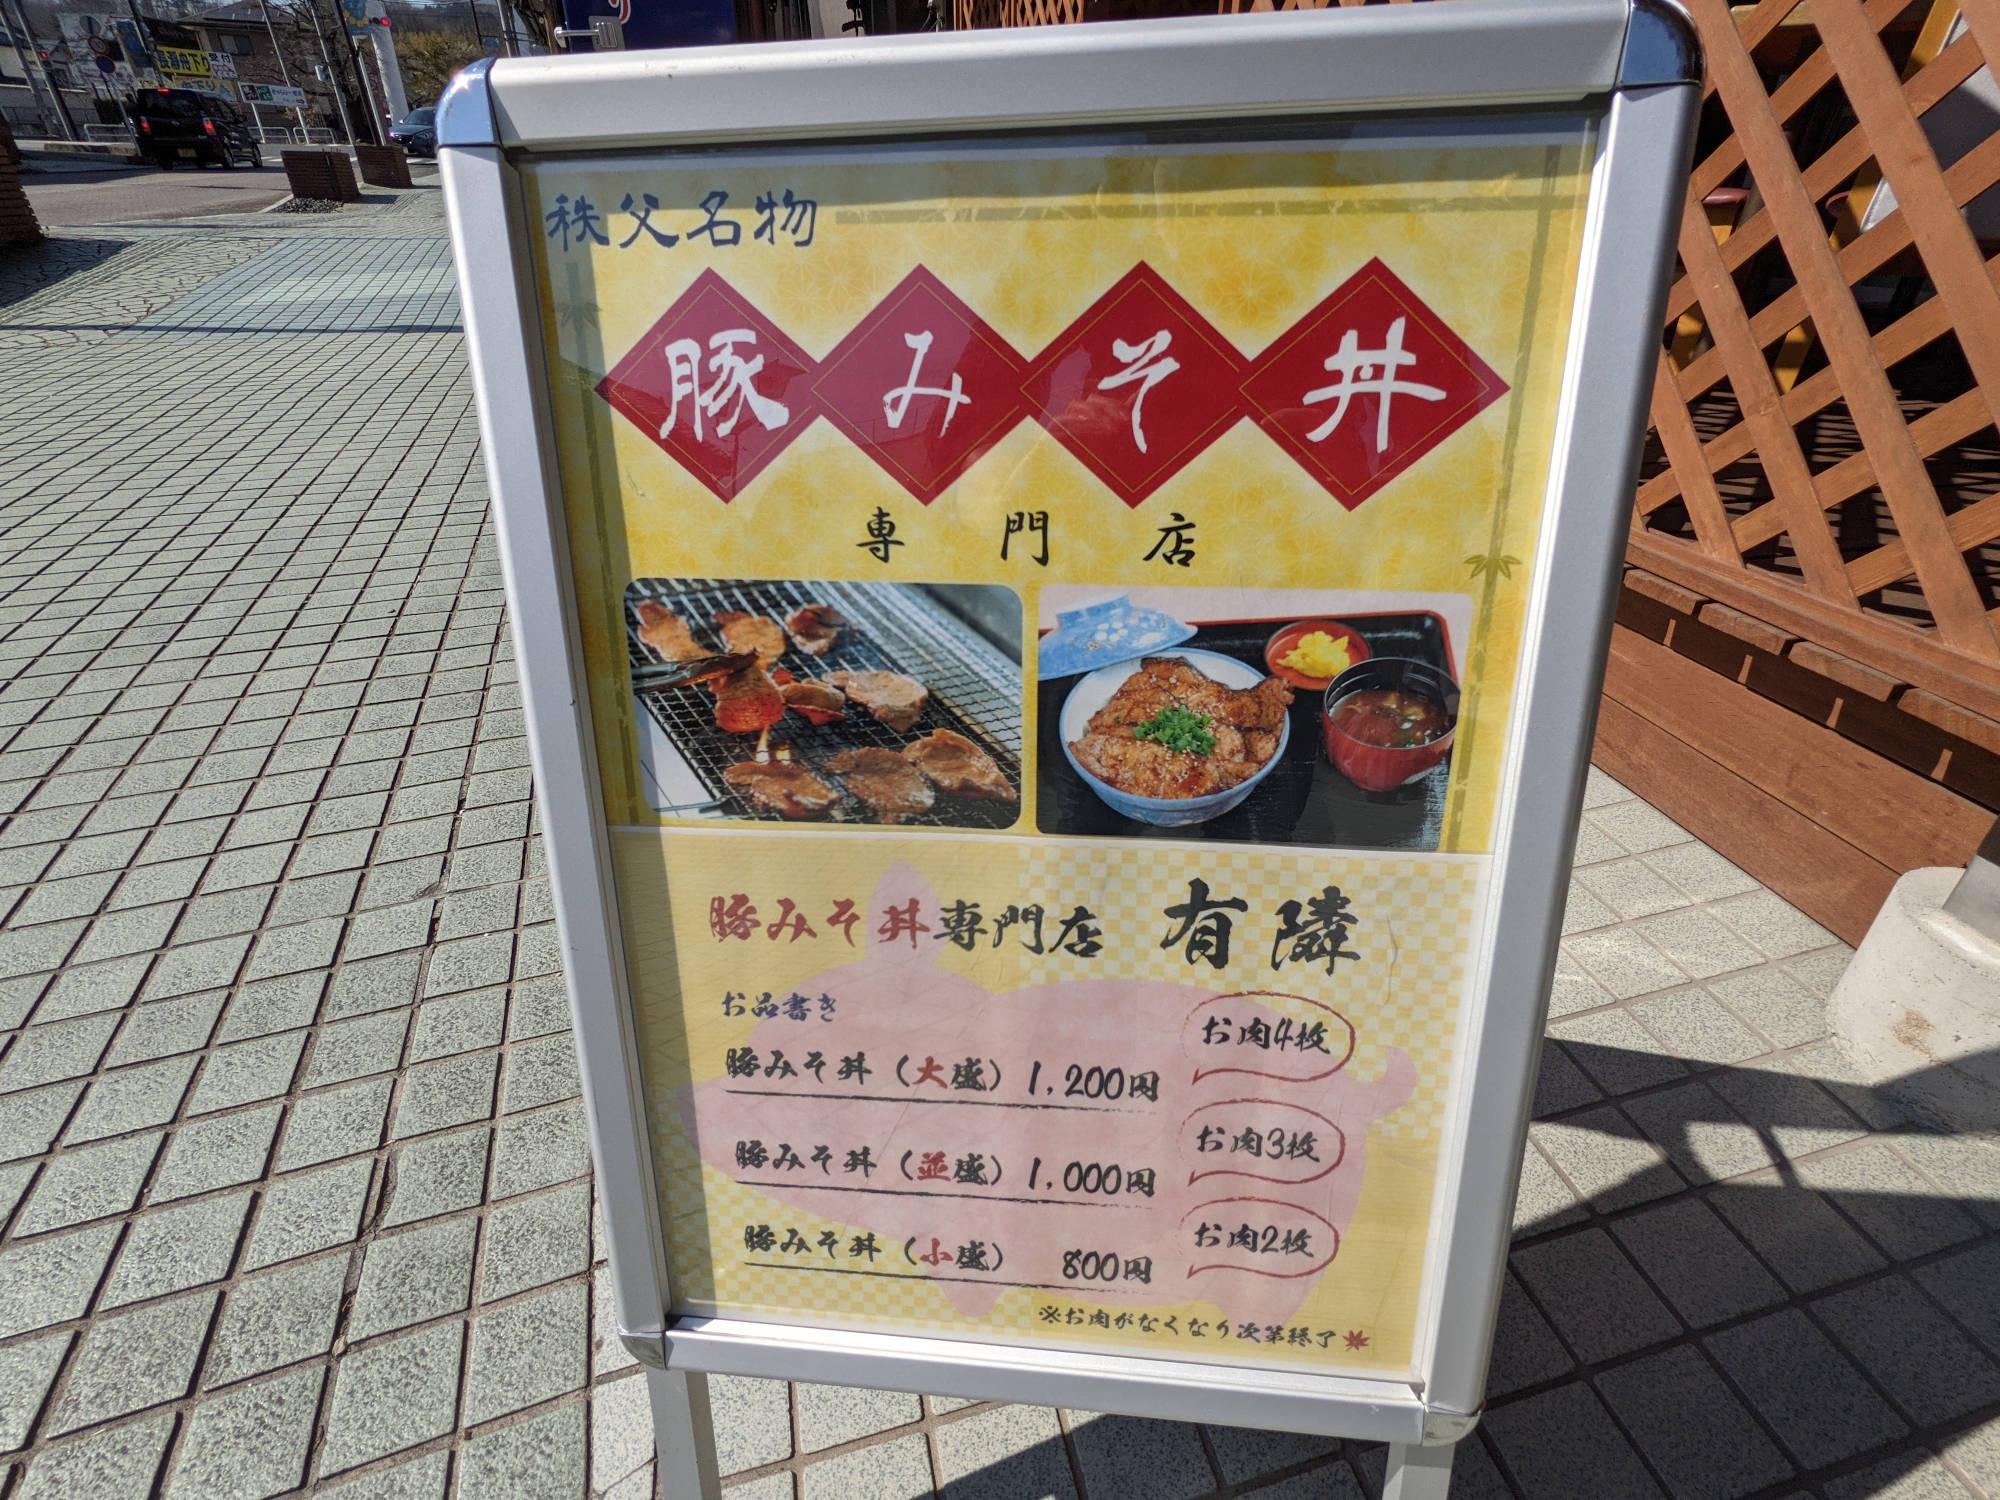 豚みそ丼専門店「有隣」の看板